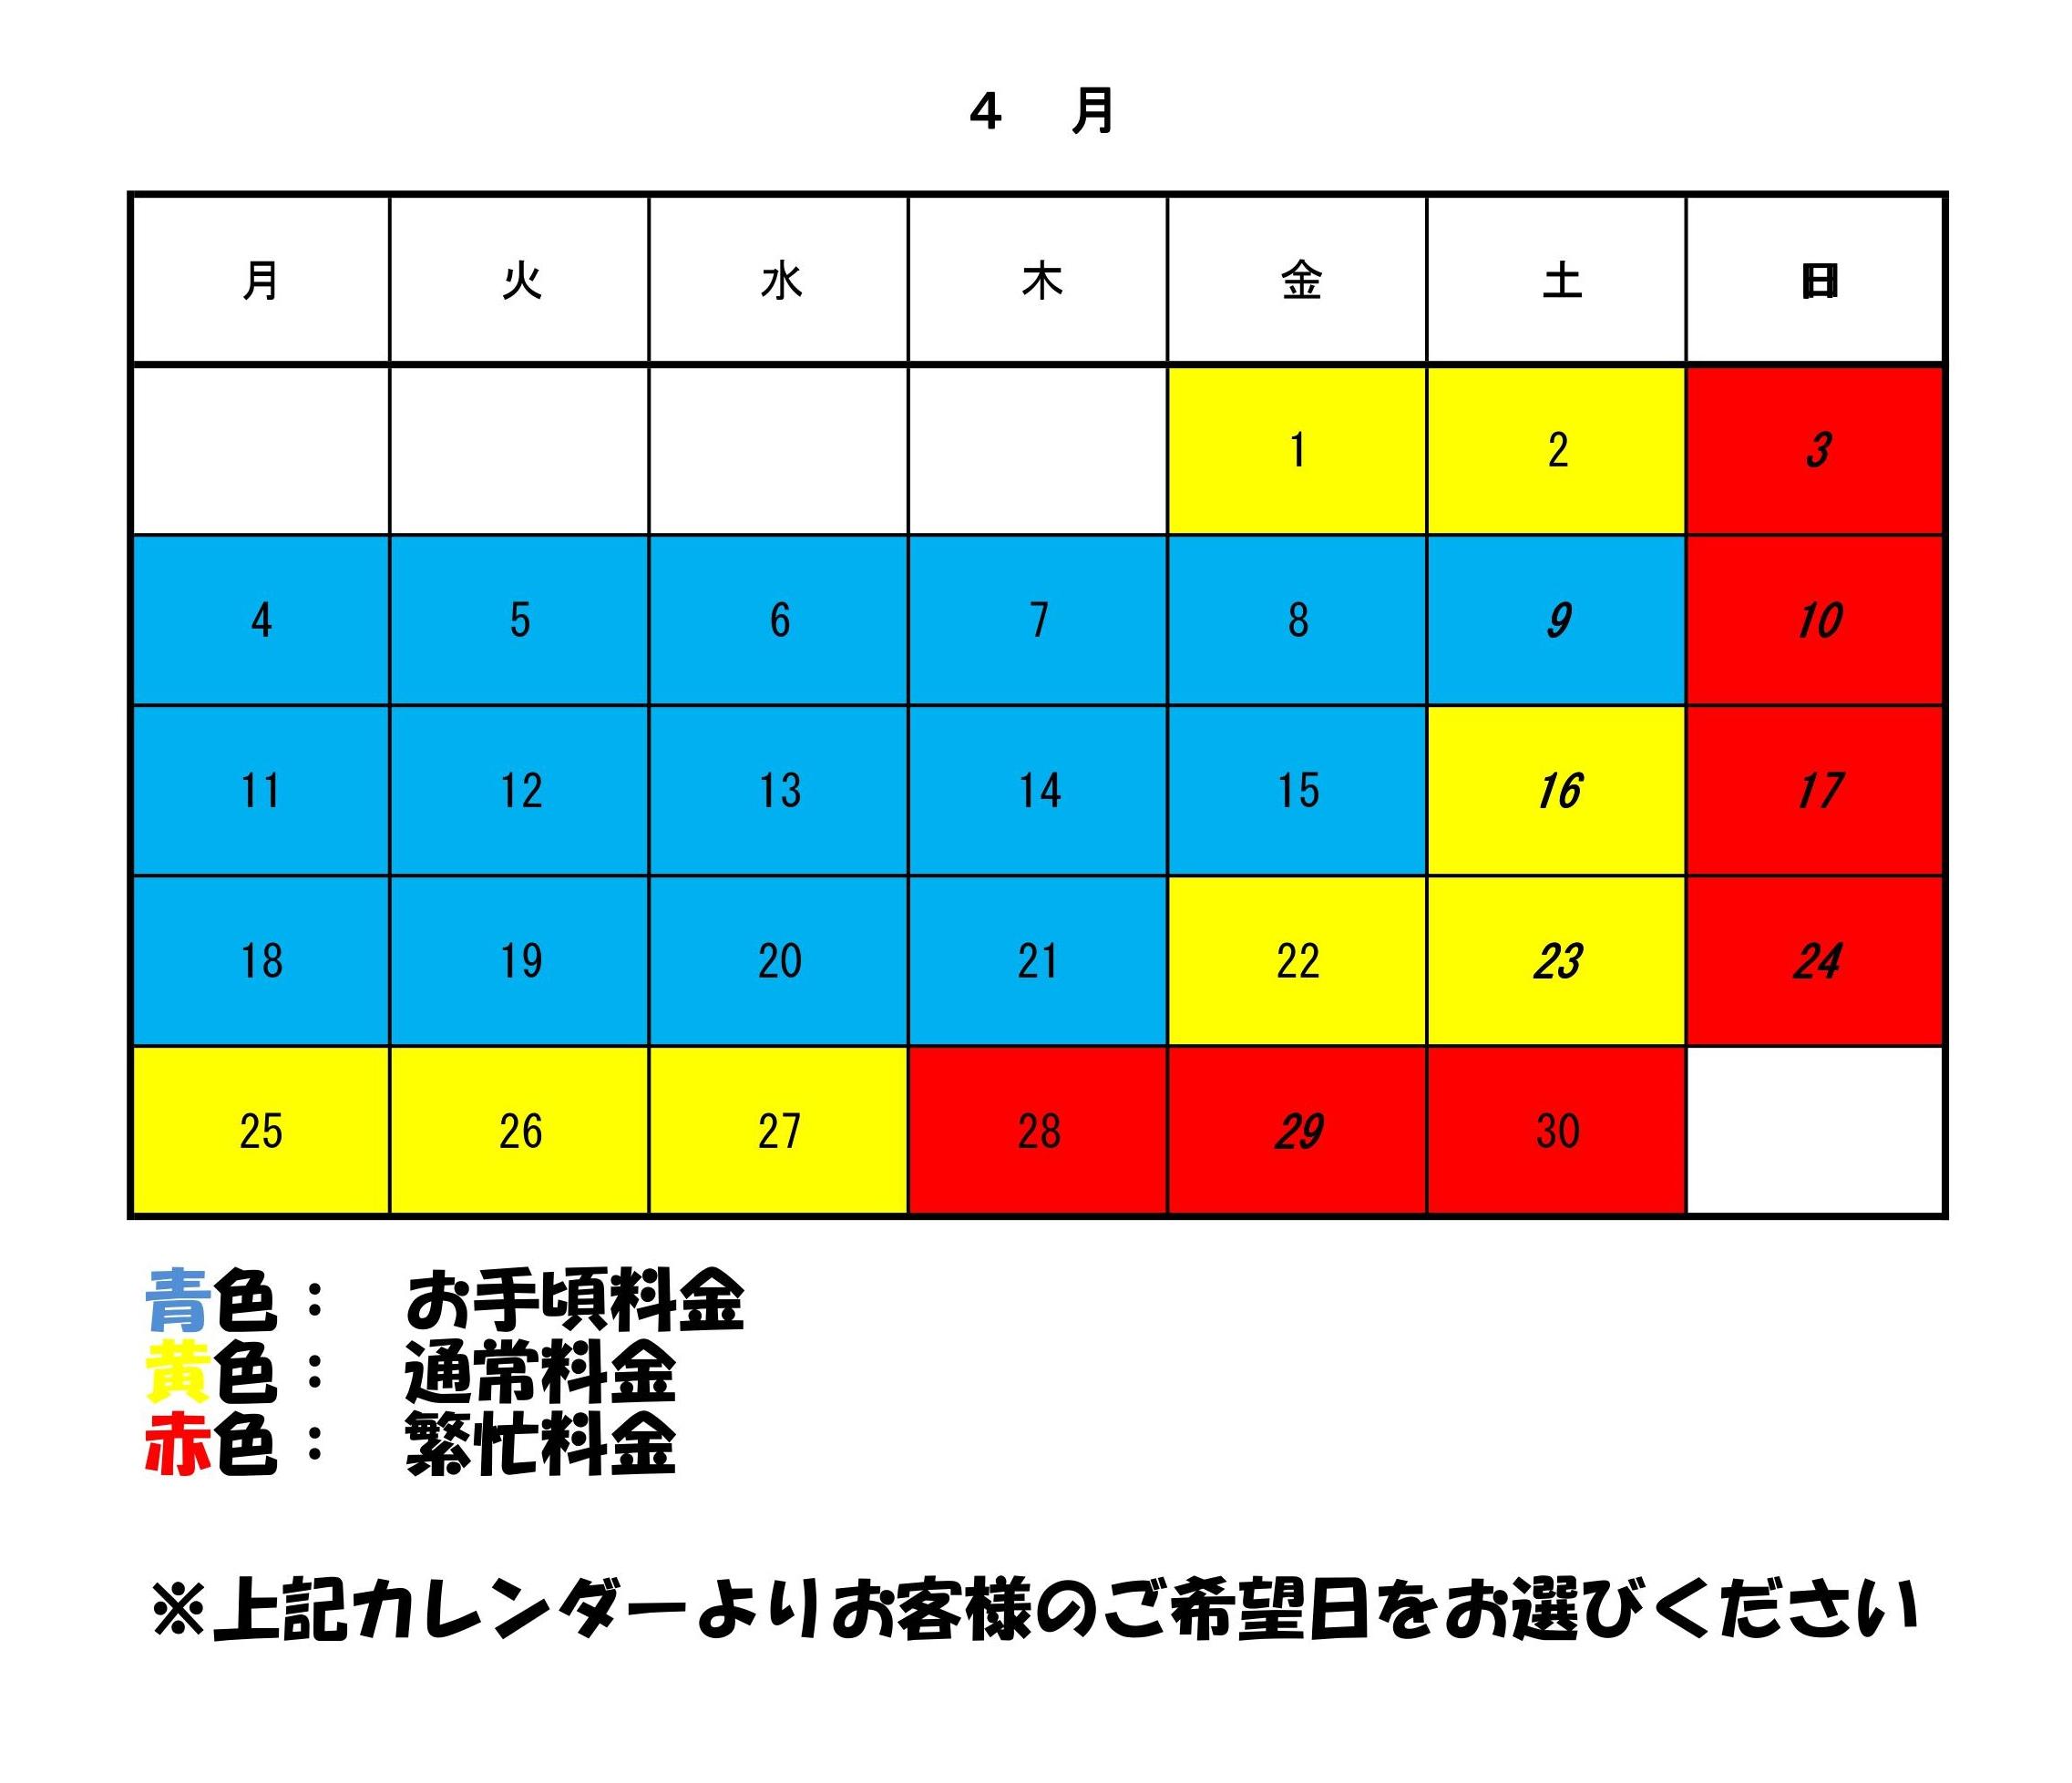 http://www.ikedapiano.co.jp/0001%20%285%29.jpg